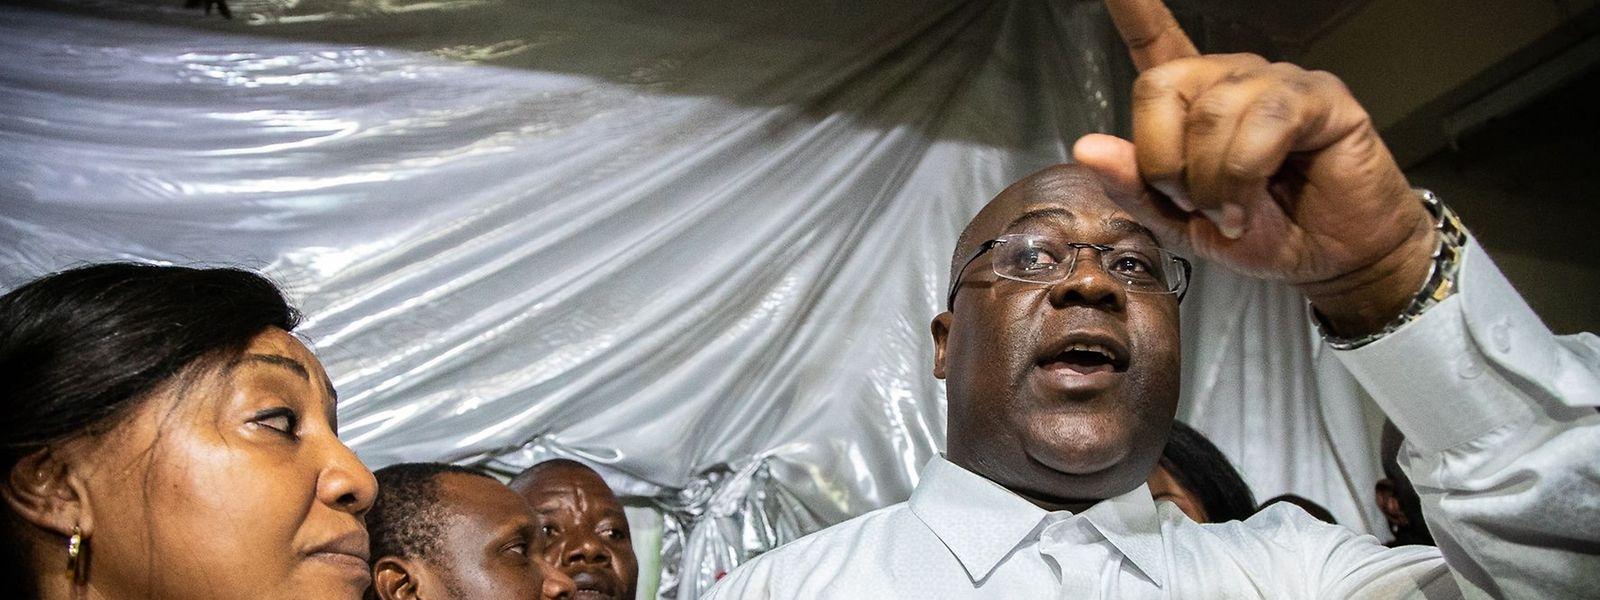 Der 55-jährige Tshisekedi ist der Sohn des früheren Ministerpräsidenten und langjährigen kongolesischen Oppositionsführers Felix Tshisekedi, der 2017 starb.